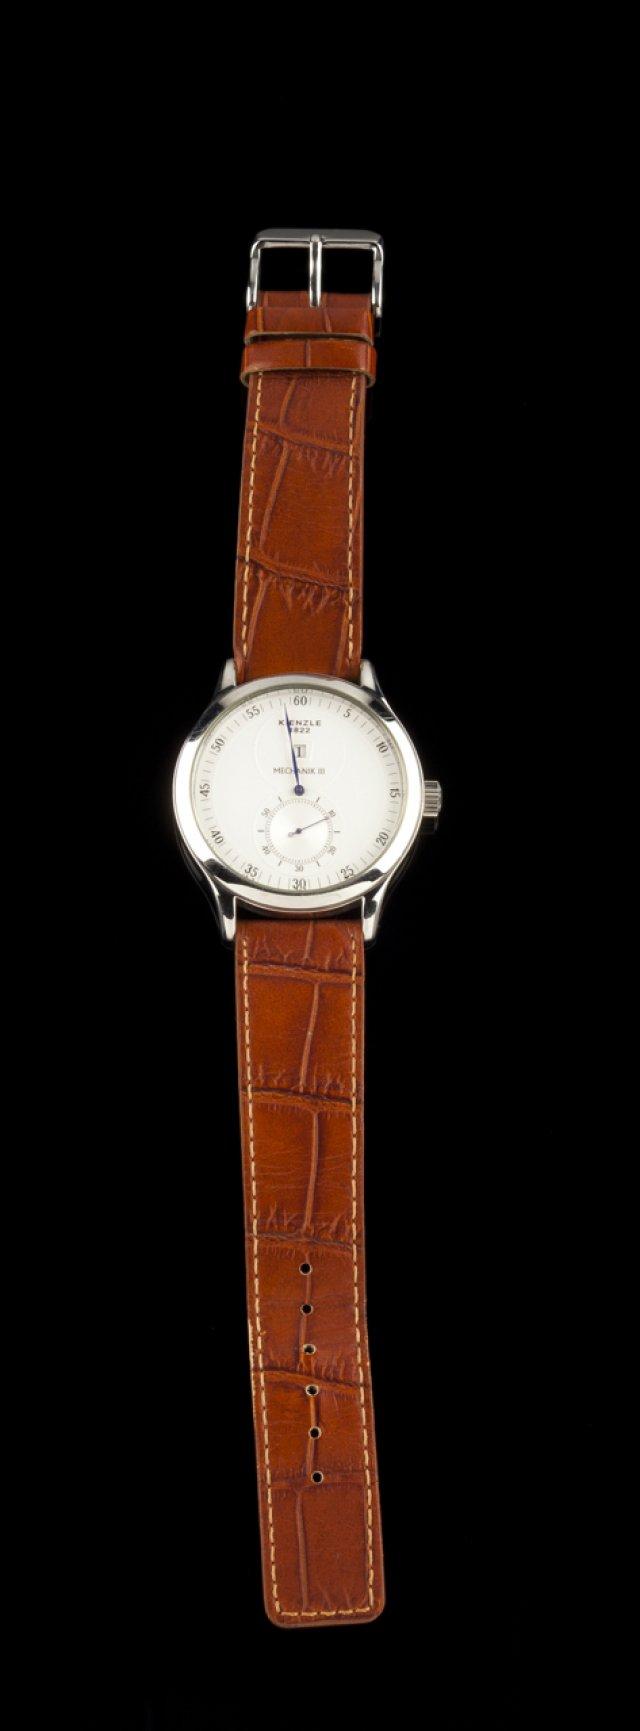 Relógio de pulso KIENZLE MECANIK III – JUMPING HOURS REGULATOR